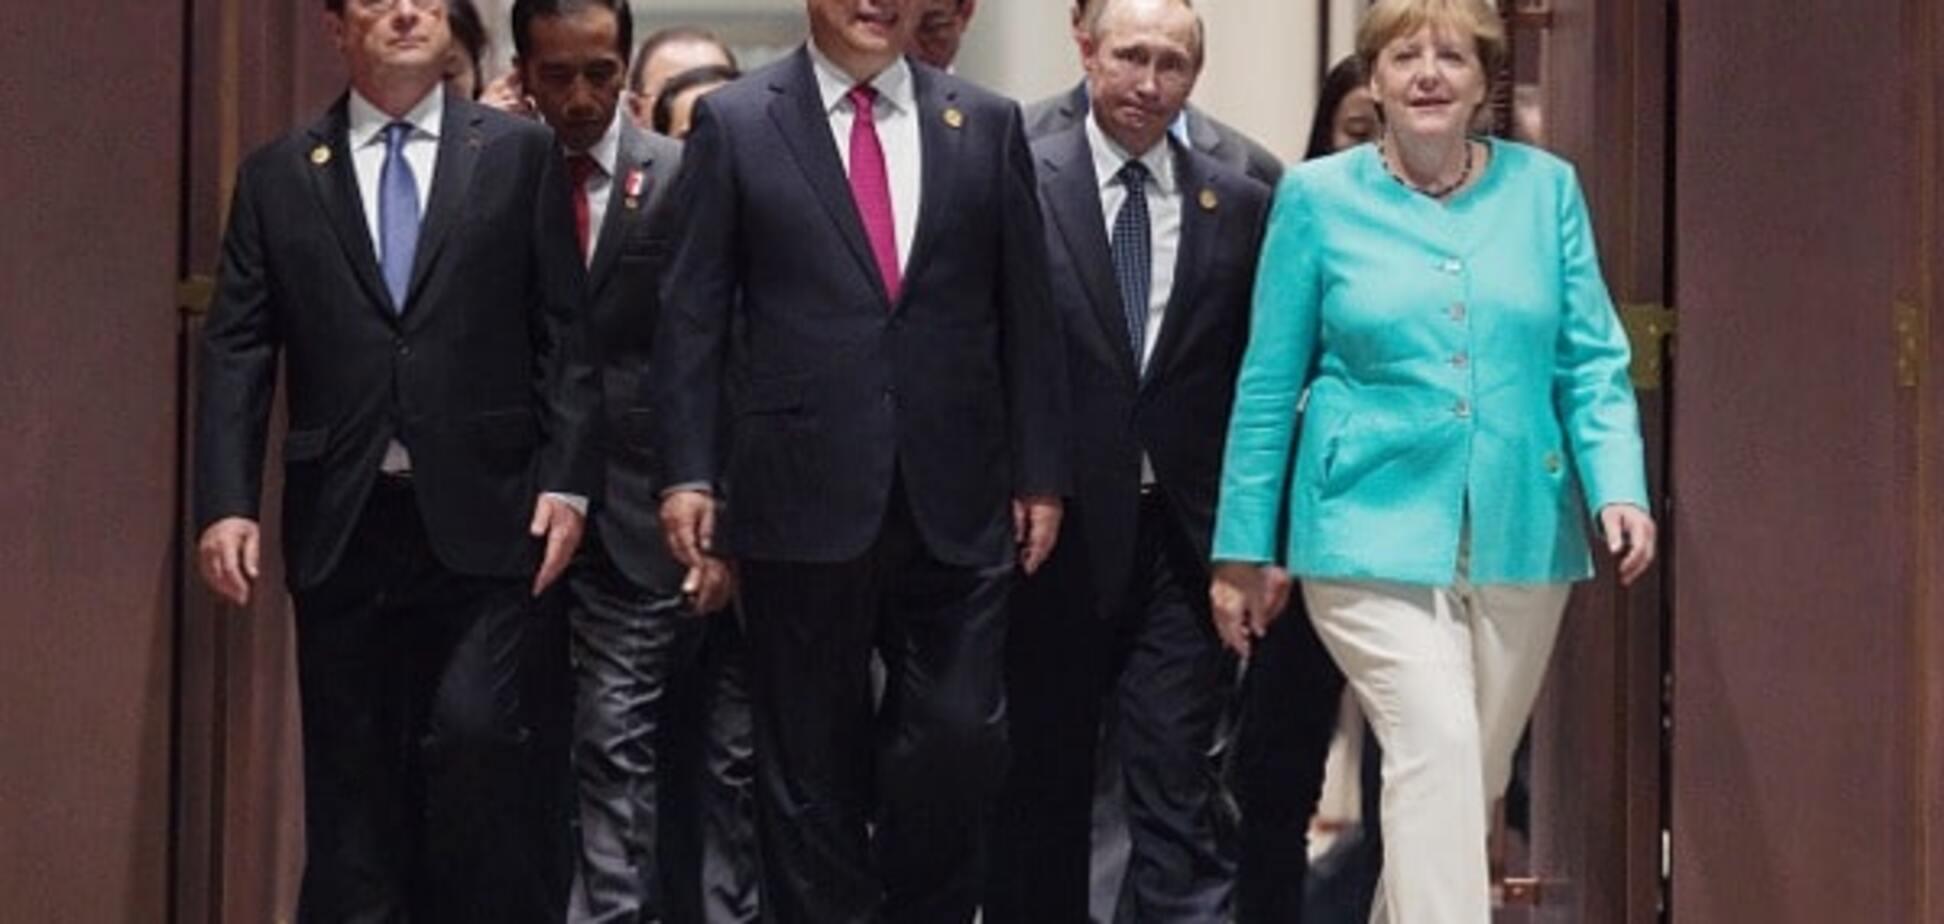 Путін досяг своєї мети щодо України на саміті G20 - Безсмертний